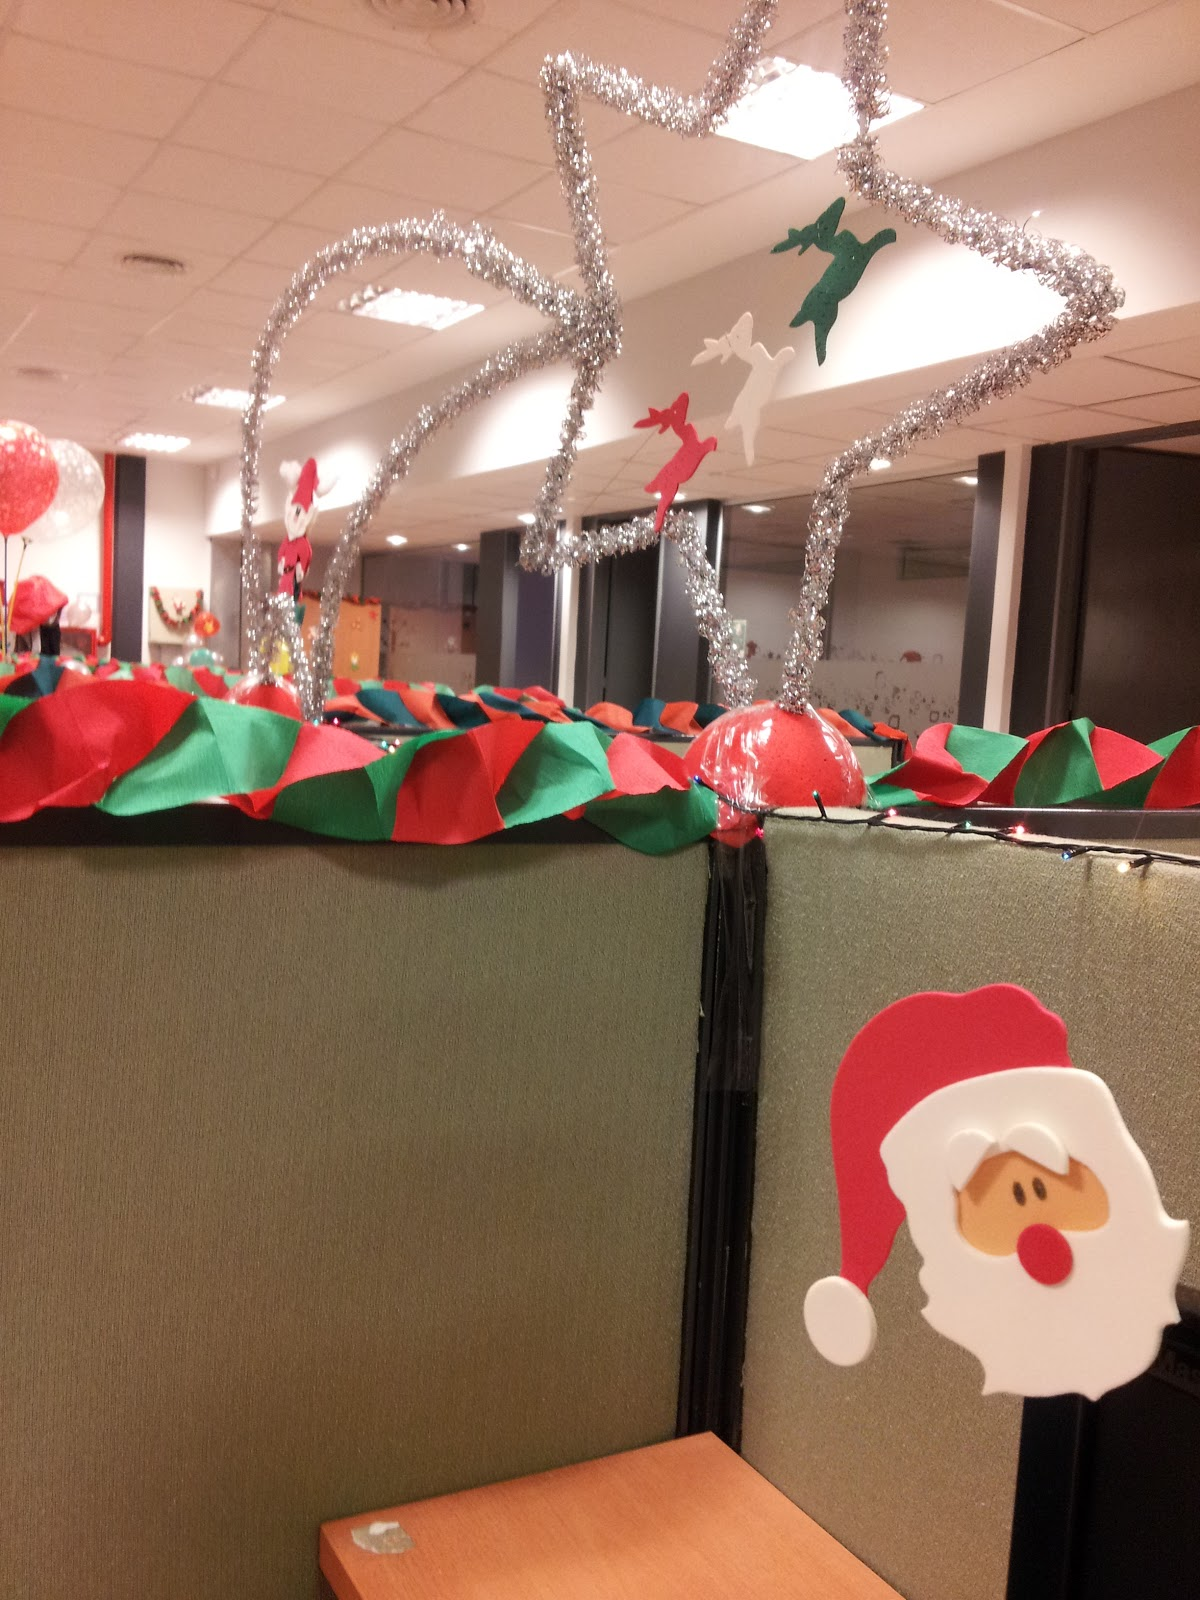 Origamizate imposible no mostrar - Decoracion de navidad para oficina ...